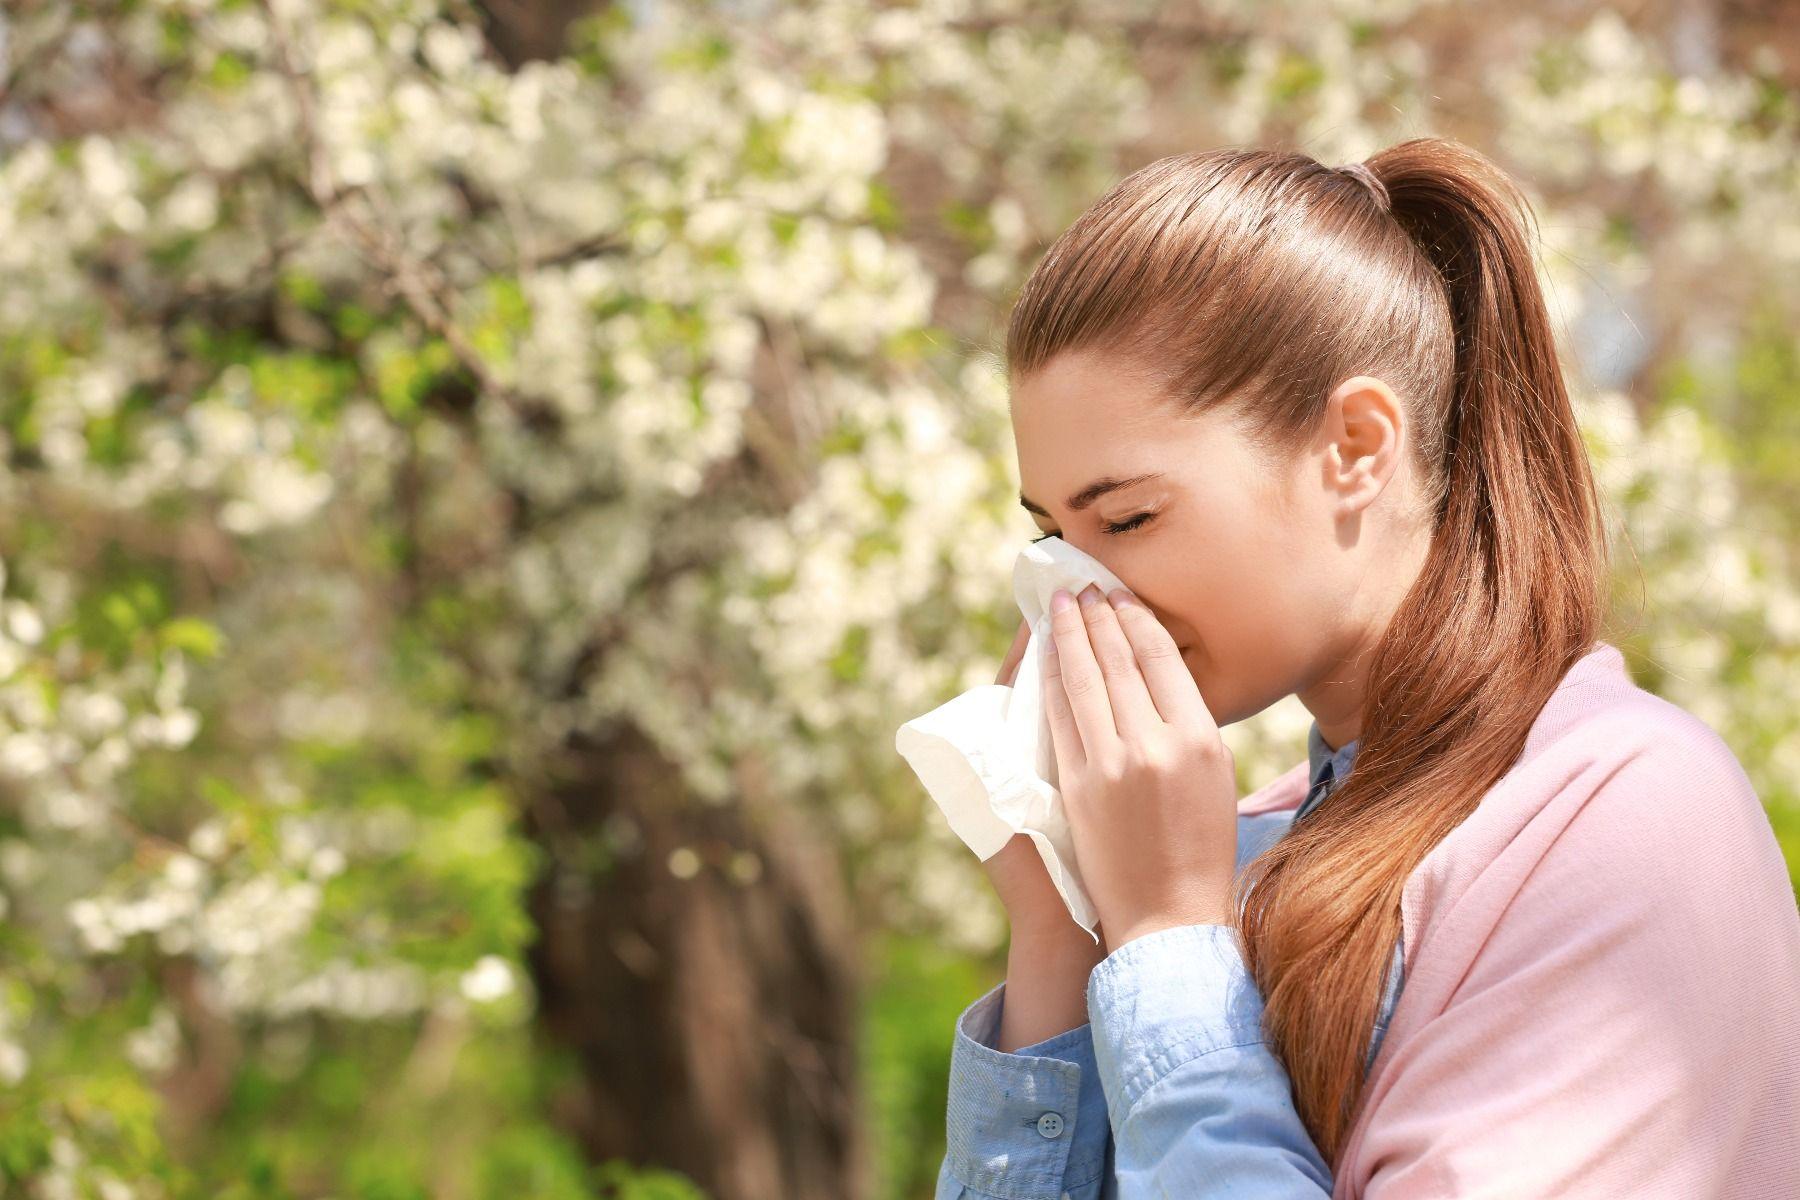 Hooikoorts symptomen niezen